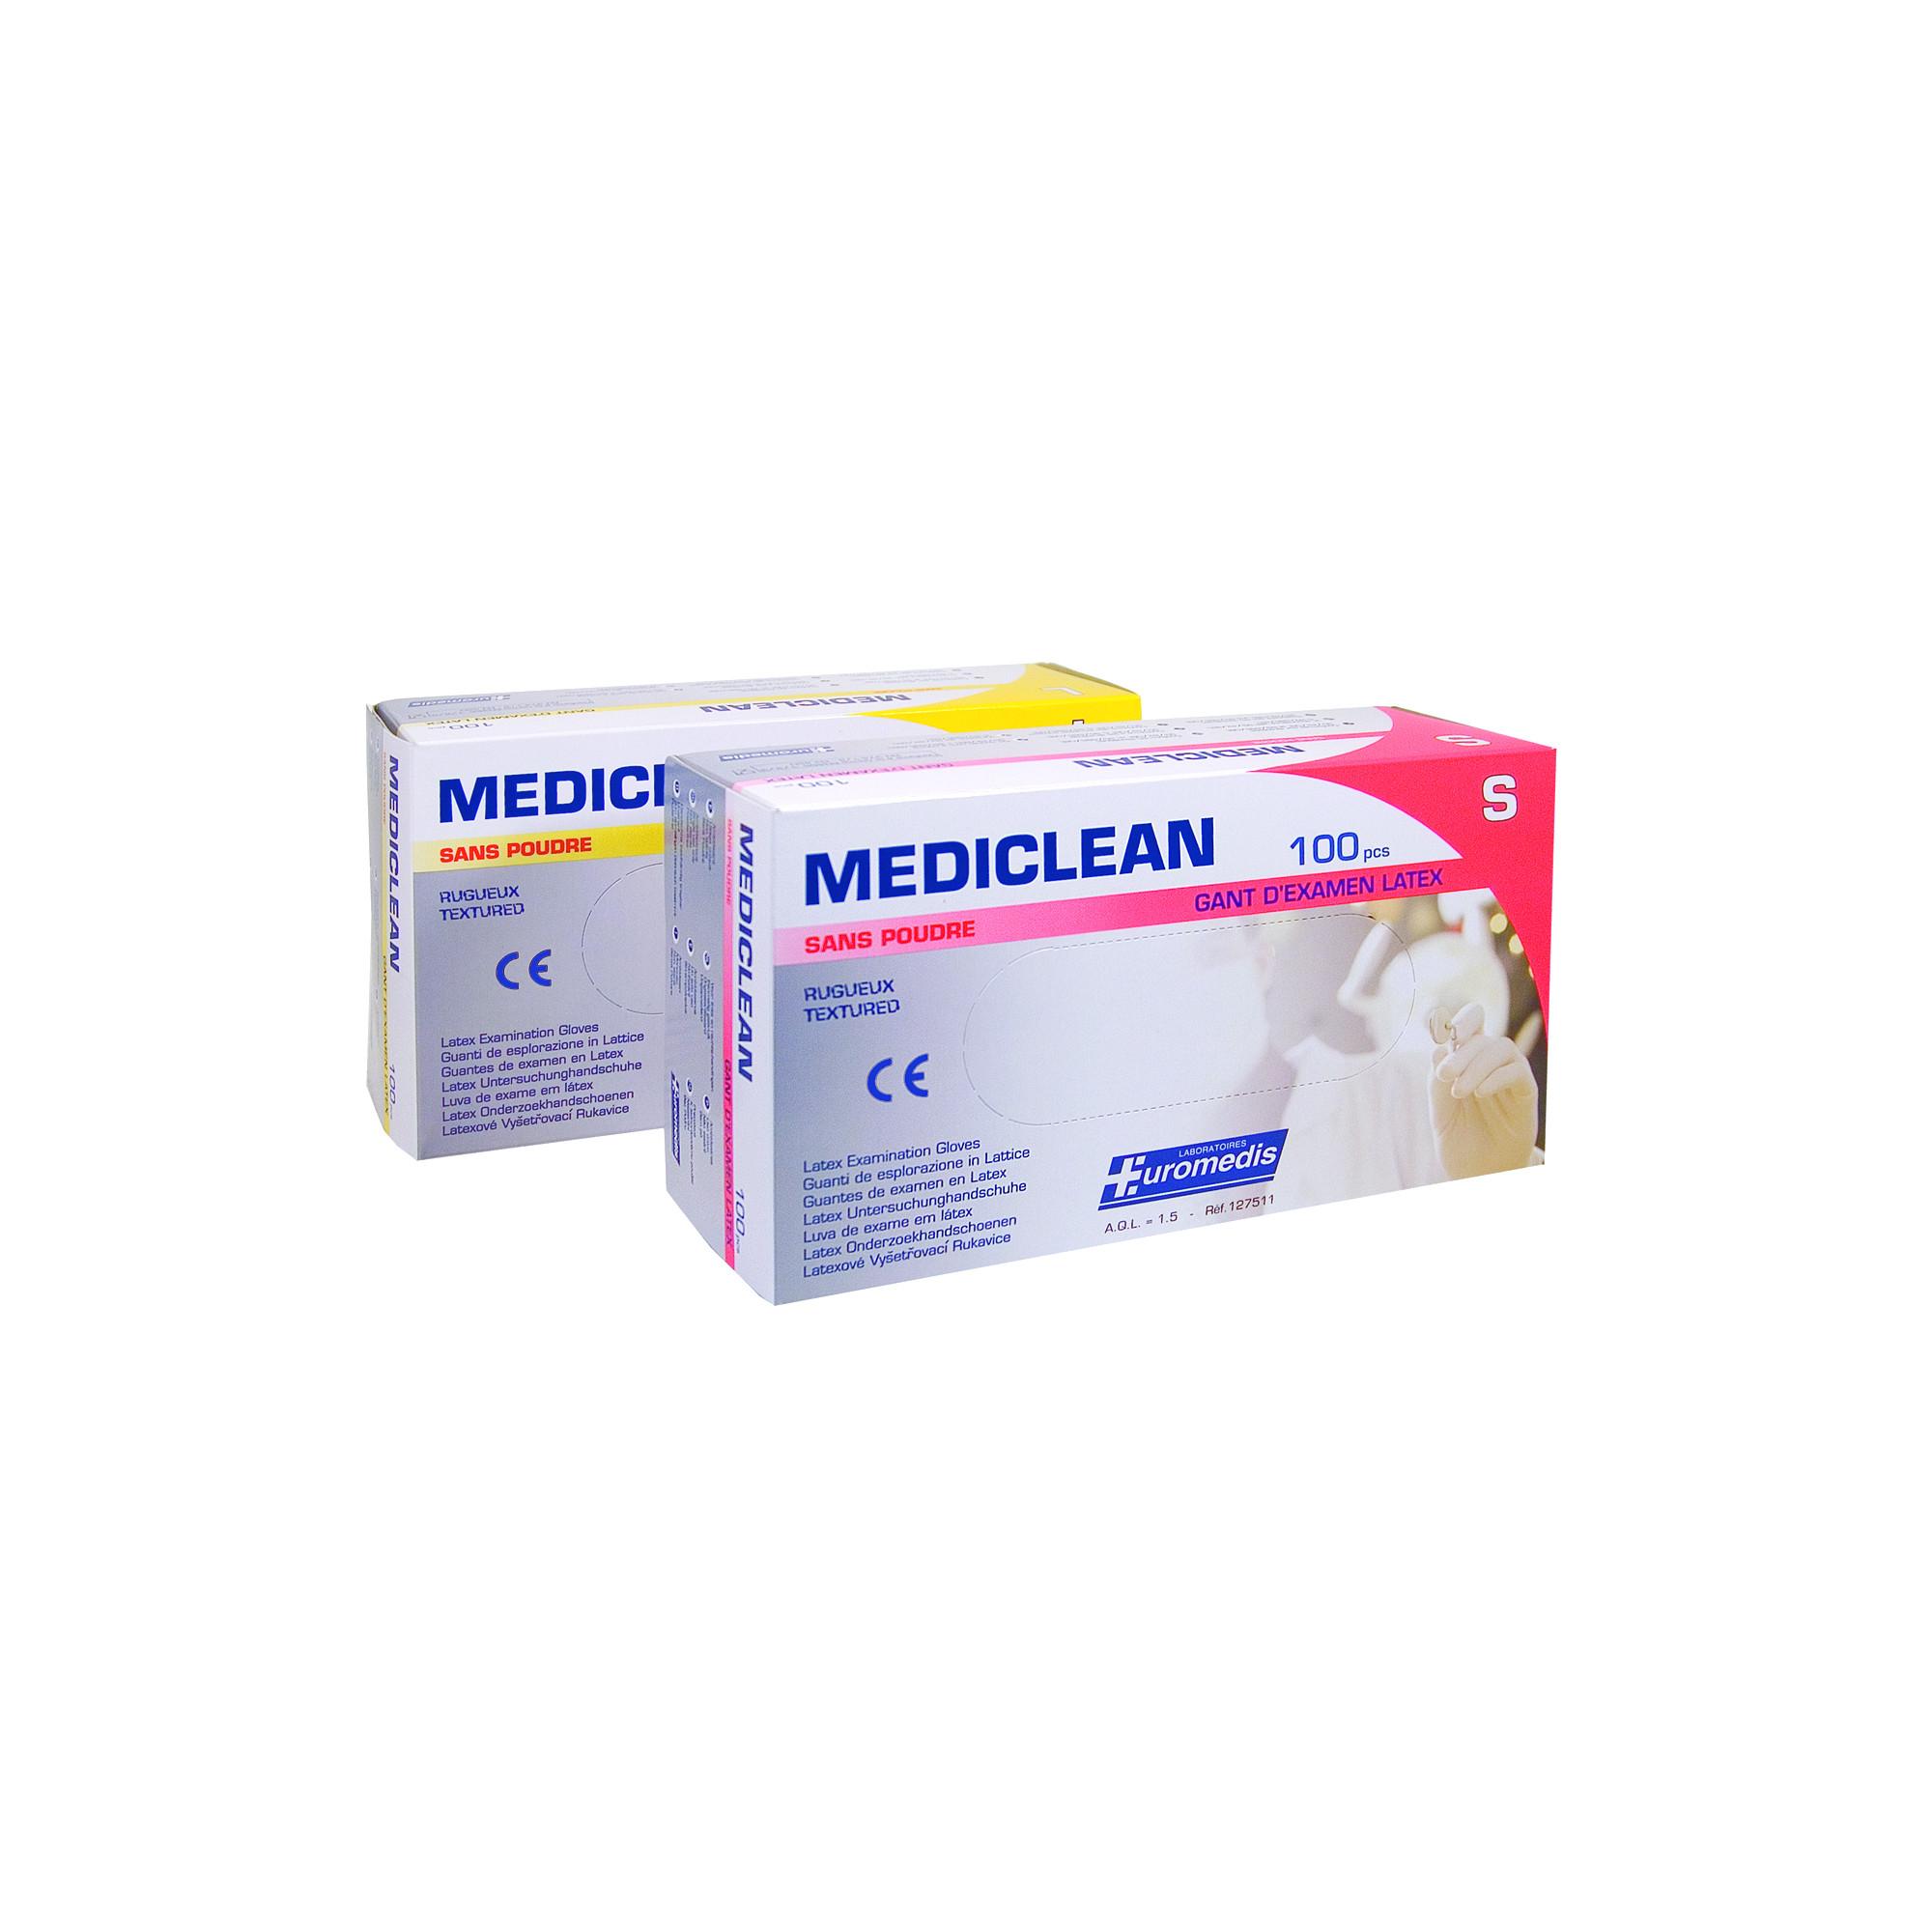 Gants d'examen - Latex - Sans poudre - Ambidextres - Boite de 100 - Mediclean